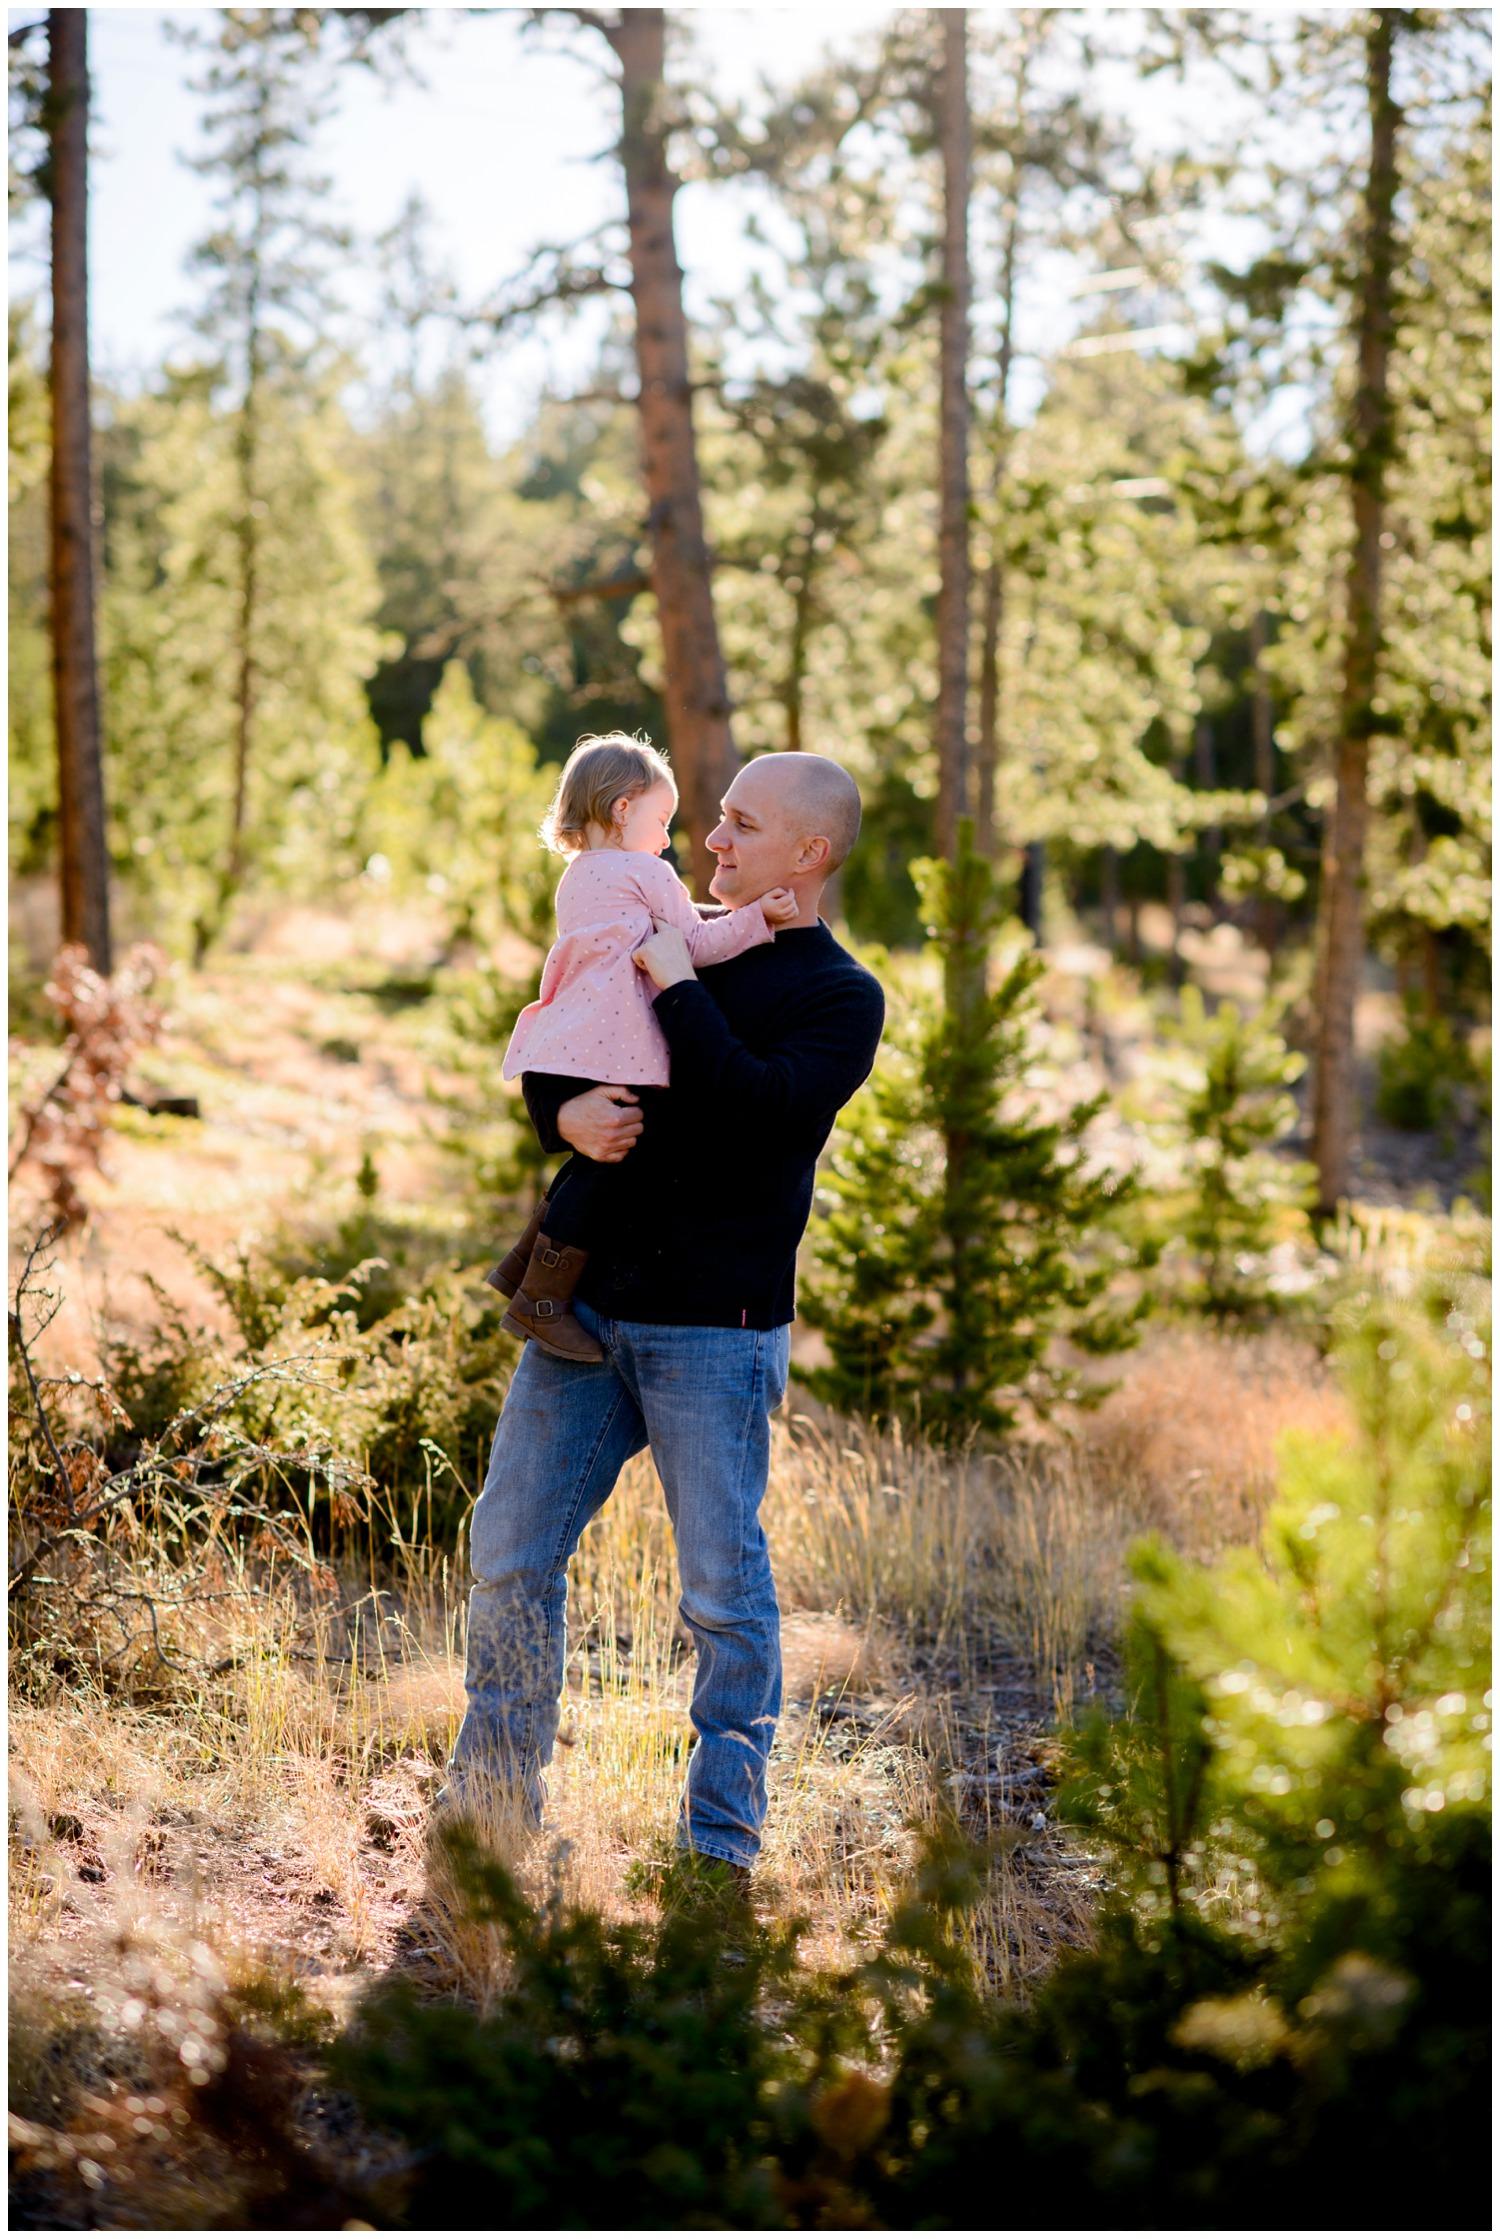 Evergreen-colorado-outdoor-family-photography-_0018.jpg